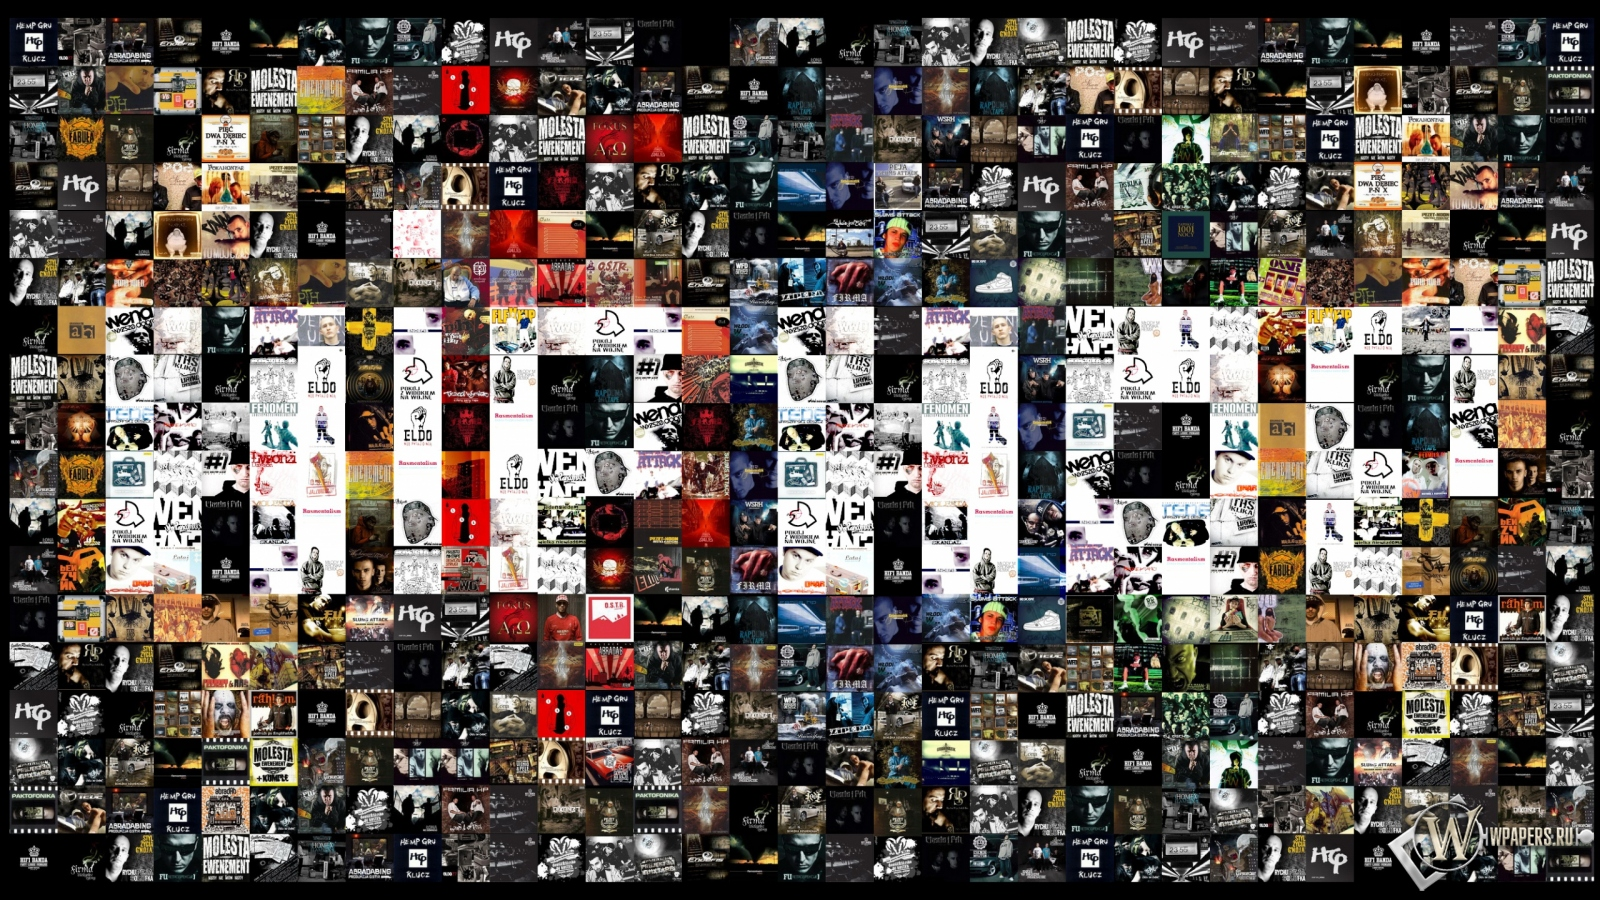 Хип хоп в стиле порно 10 фотография